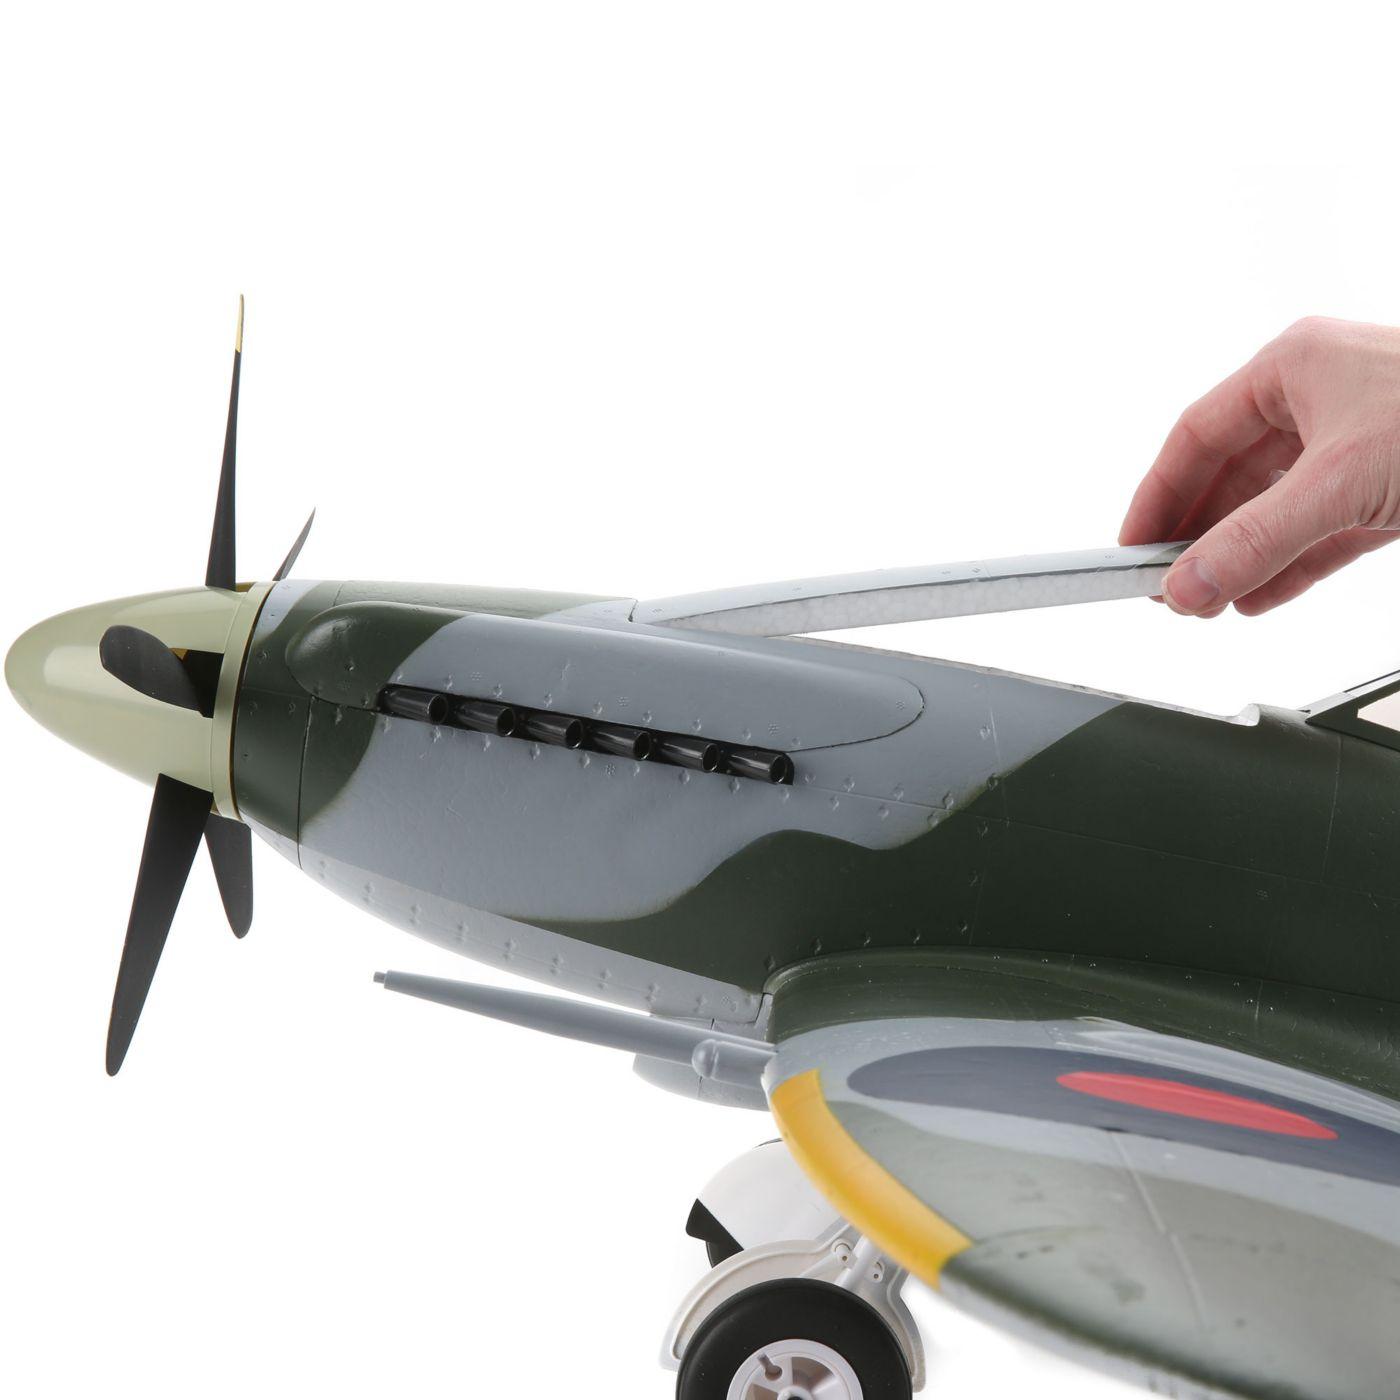 E-flite Spitfire MK Warbird bnf safe as3x 06